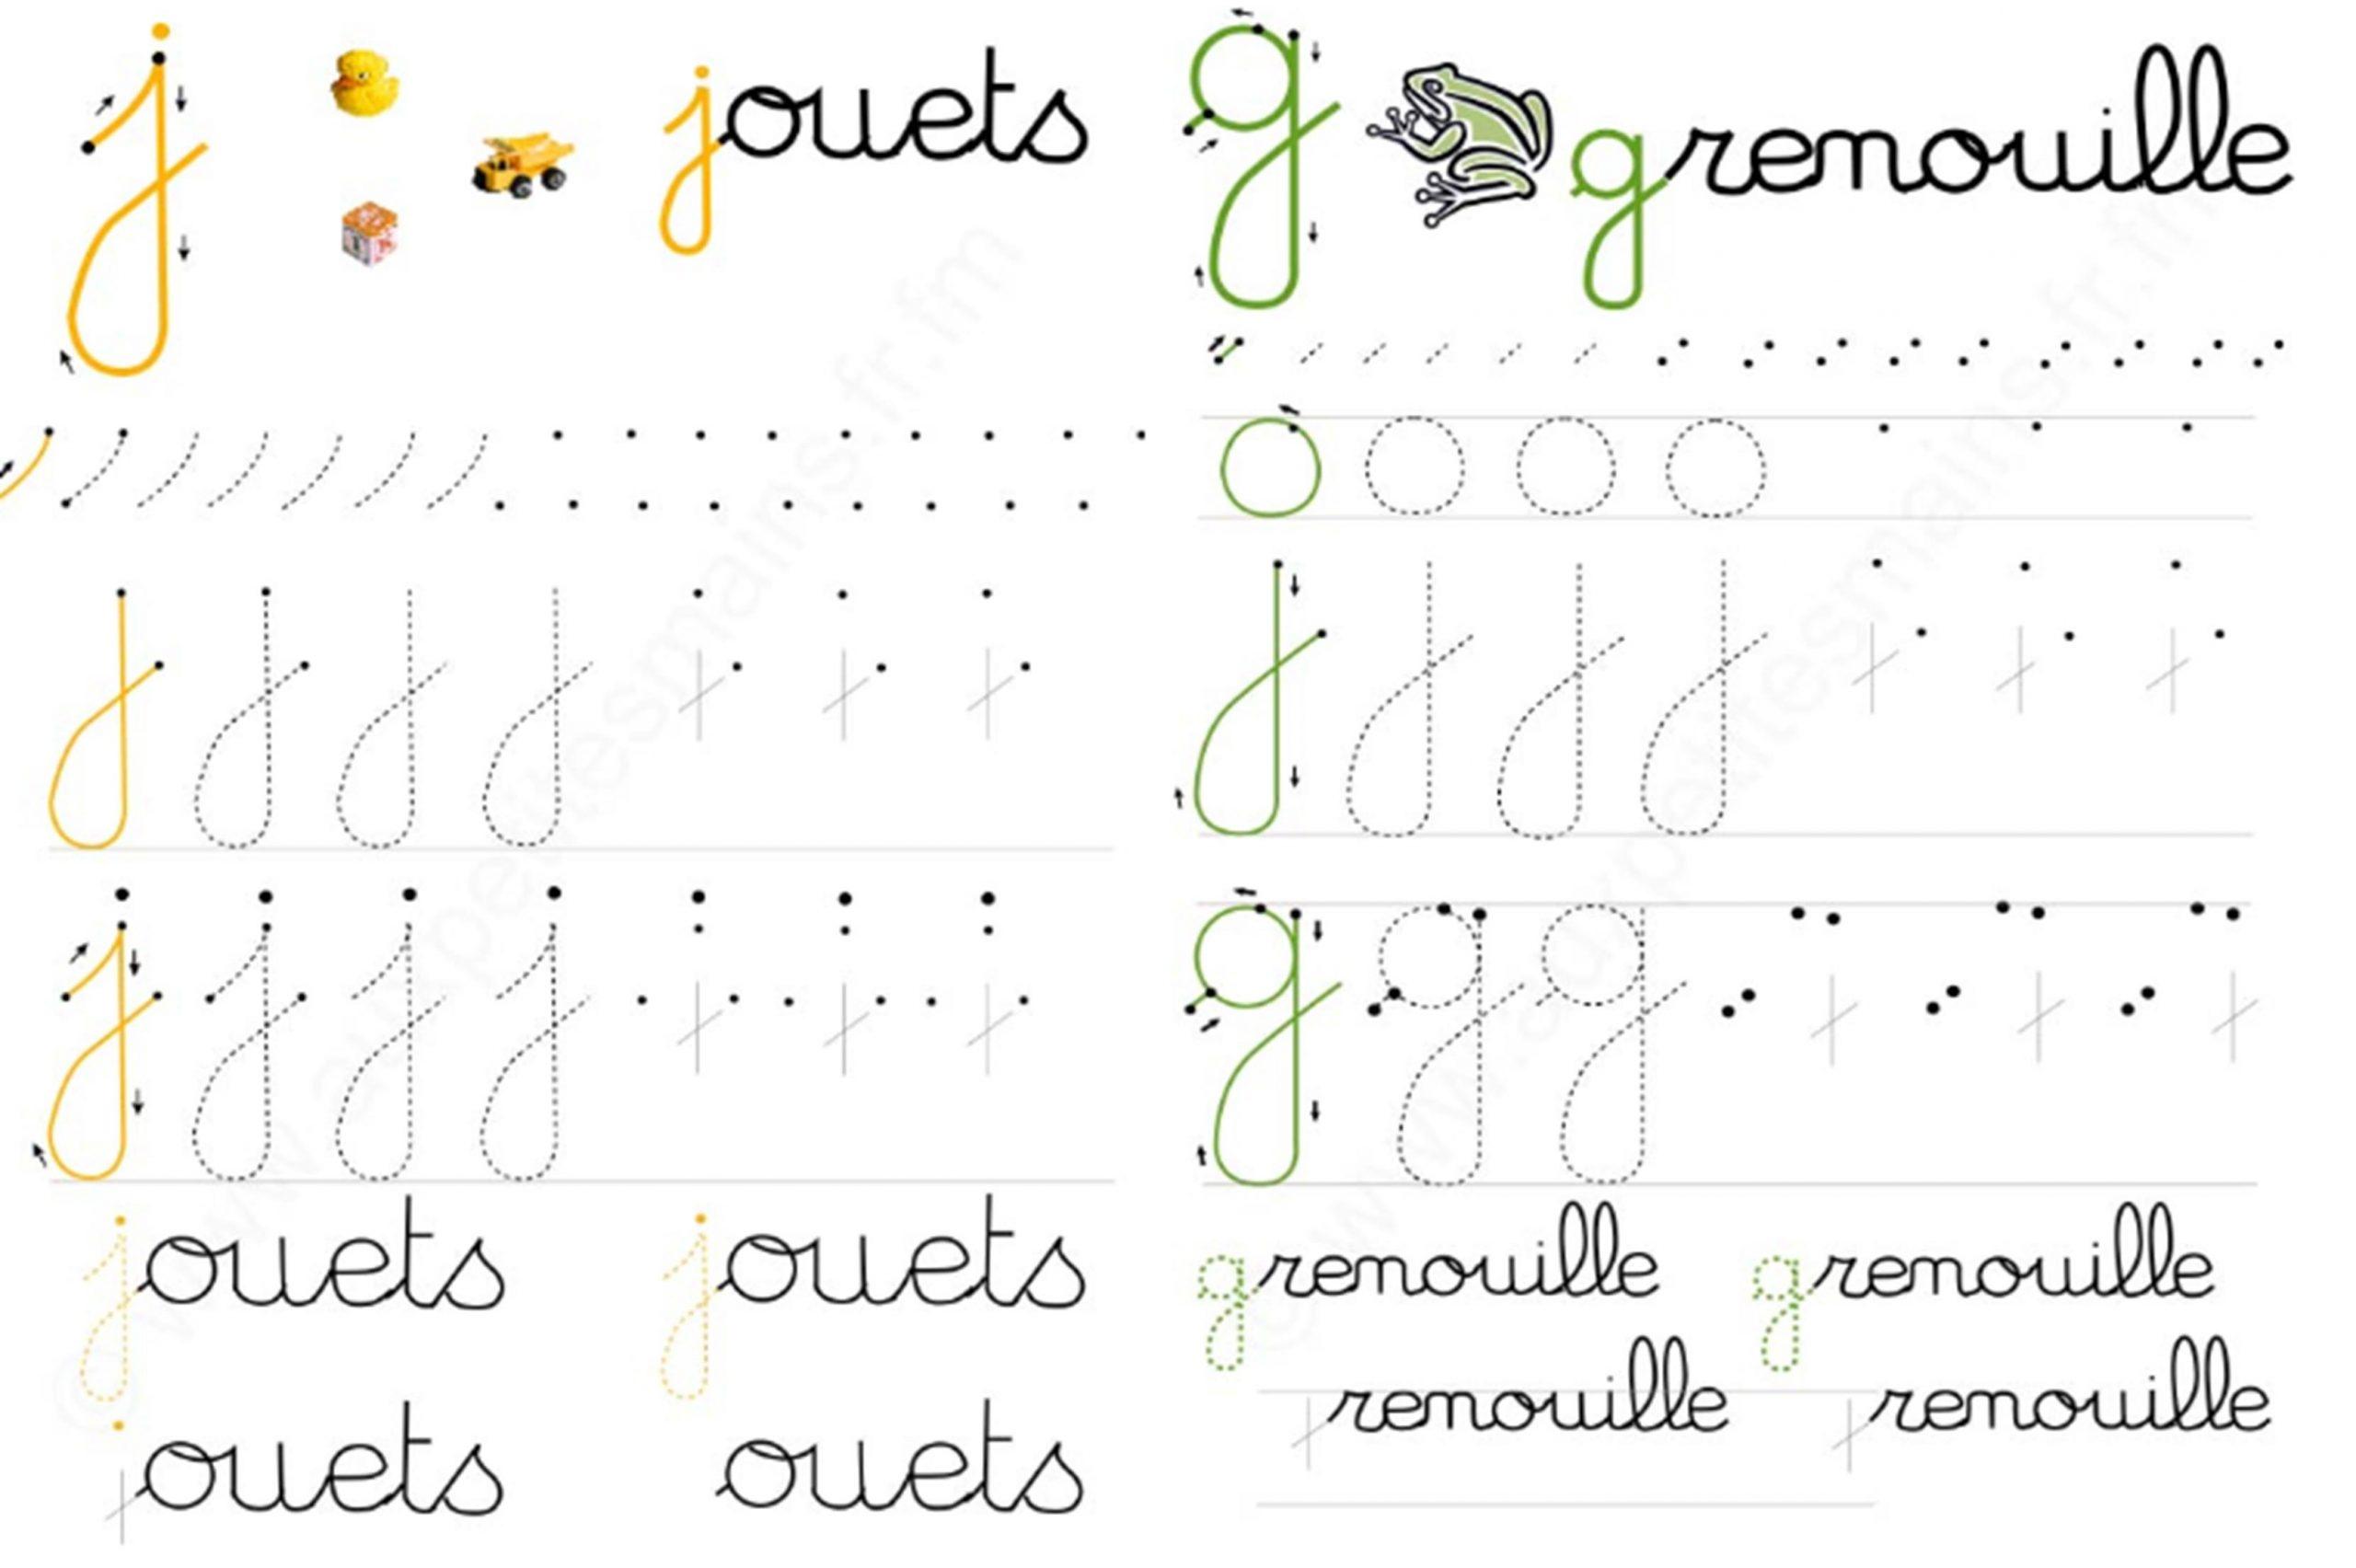 Fichier D'écriture Grande Section | Le Blog De Monsieur Mathieu encequiconcerne Fiche D Ecriture Pour Maternelle A Imprimer